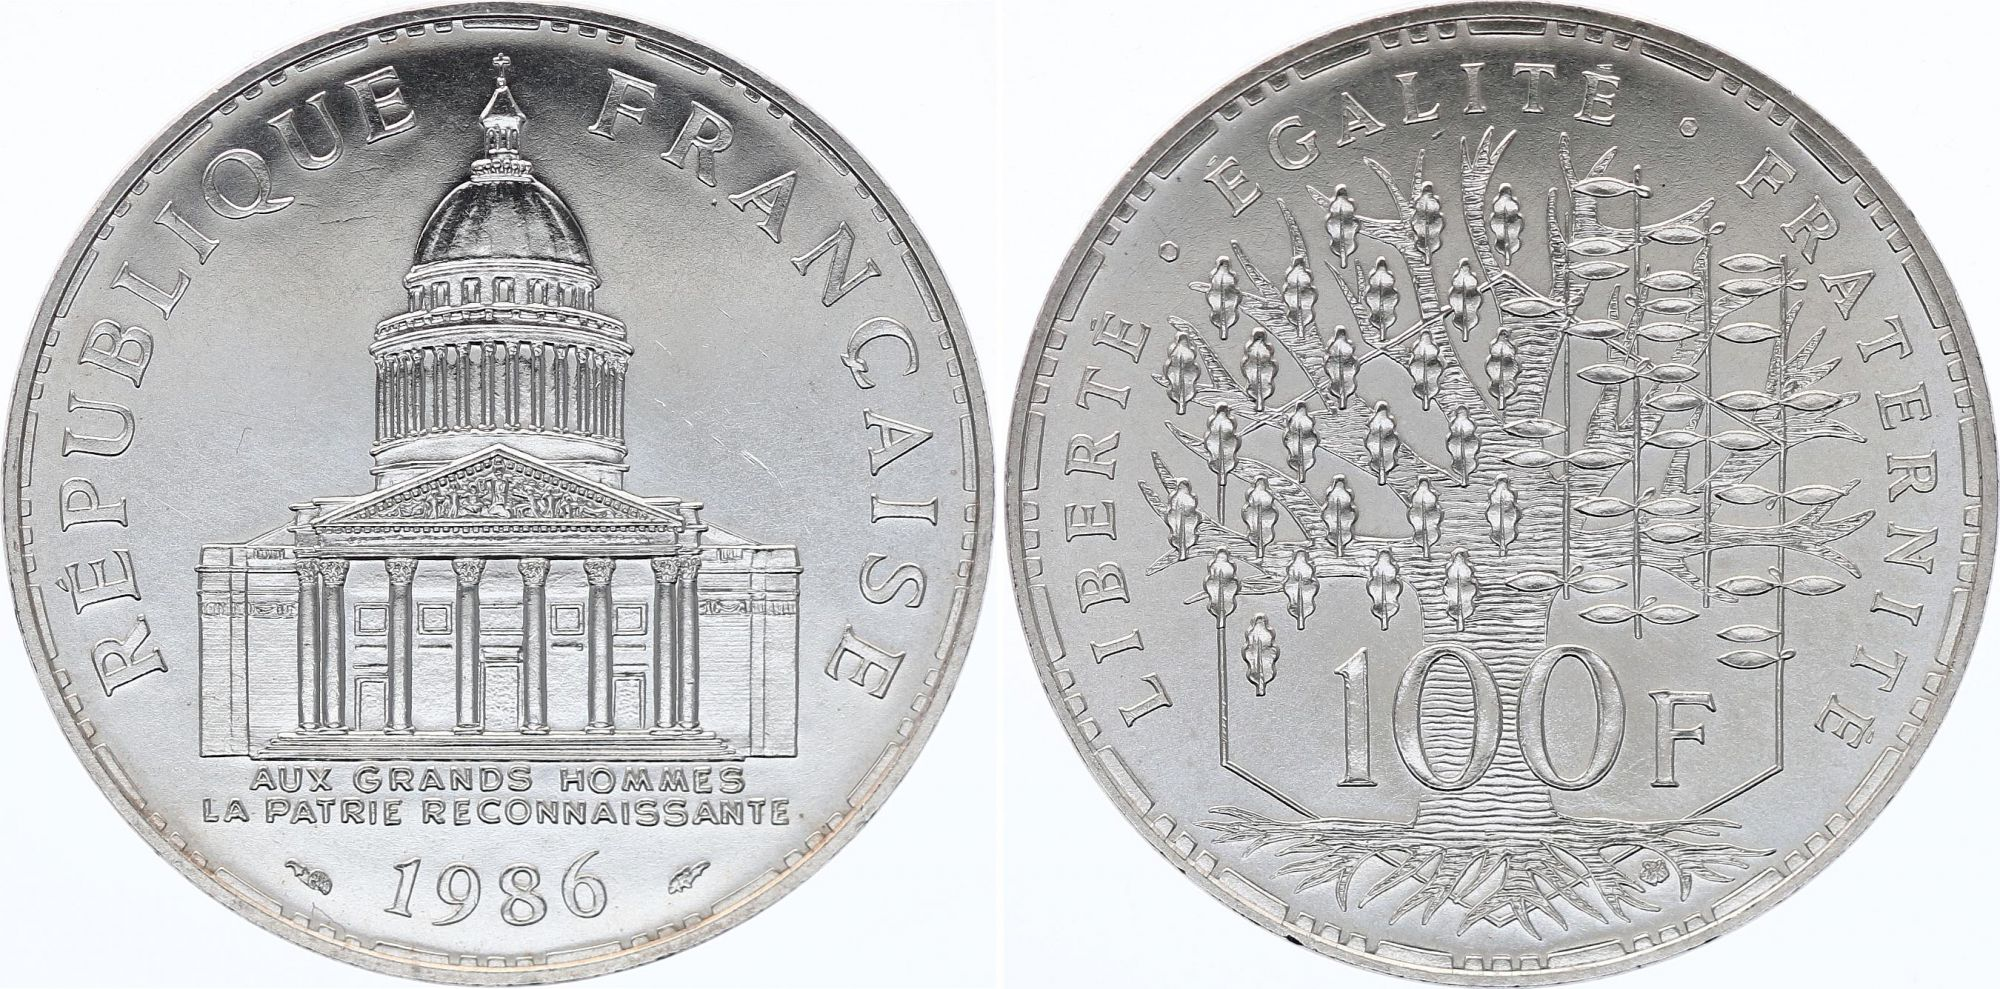 France 100 Francs Panthéon - 1986 - SPL - Argent